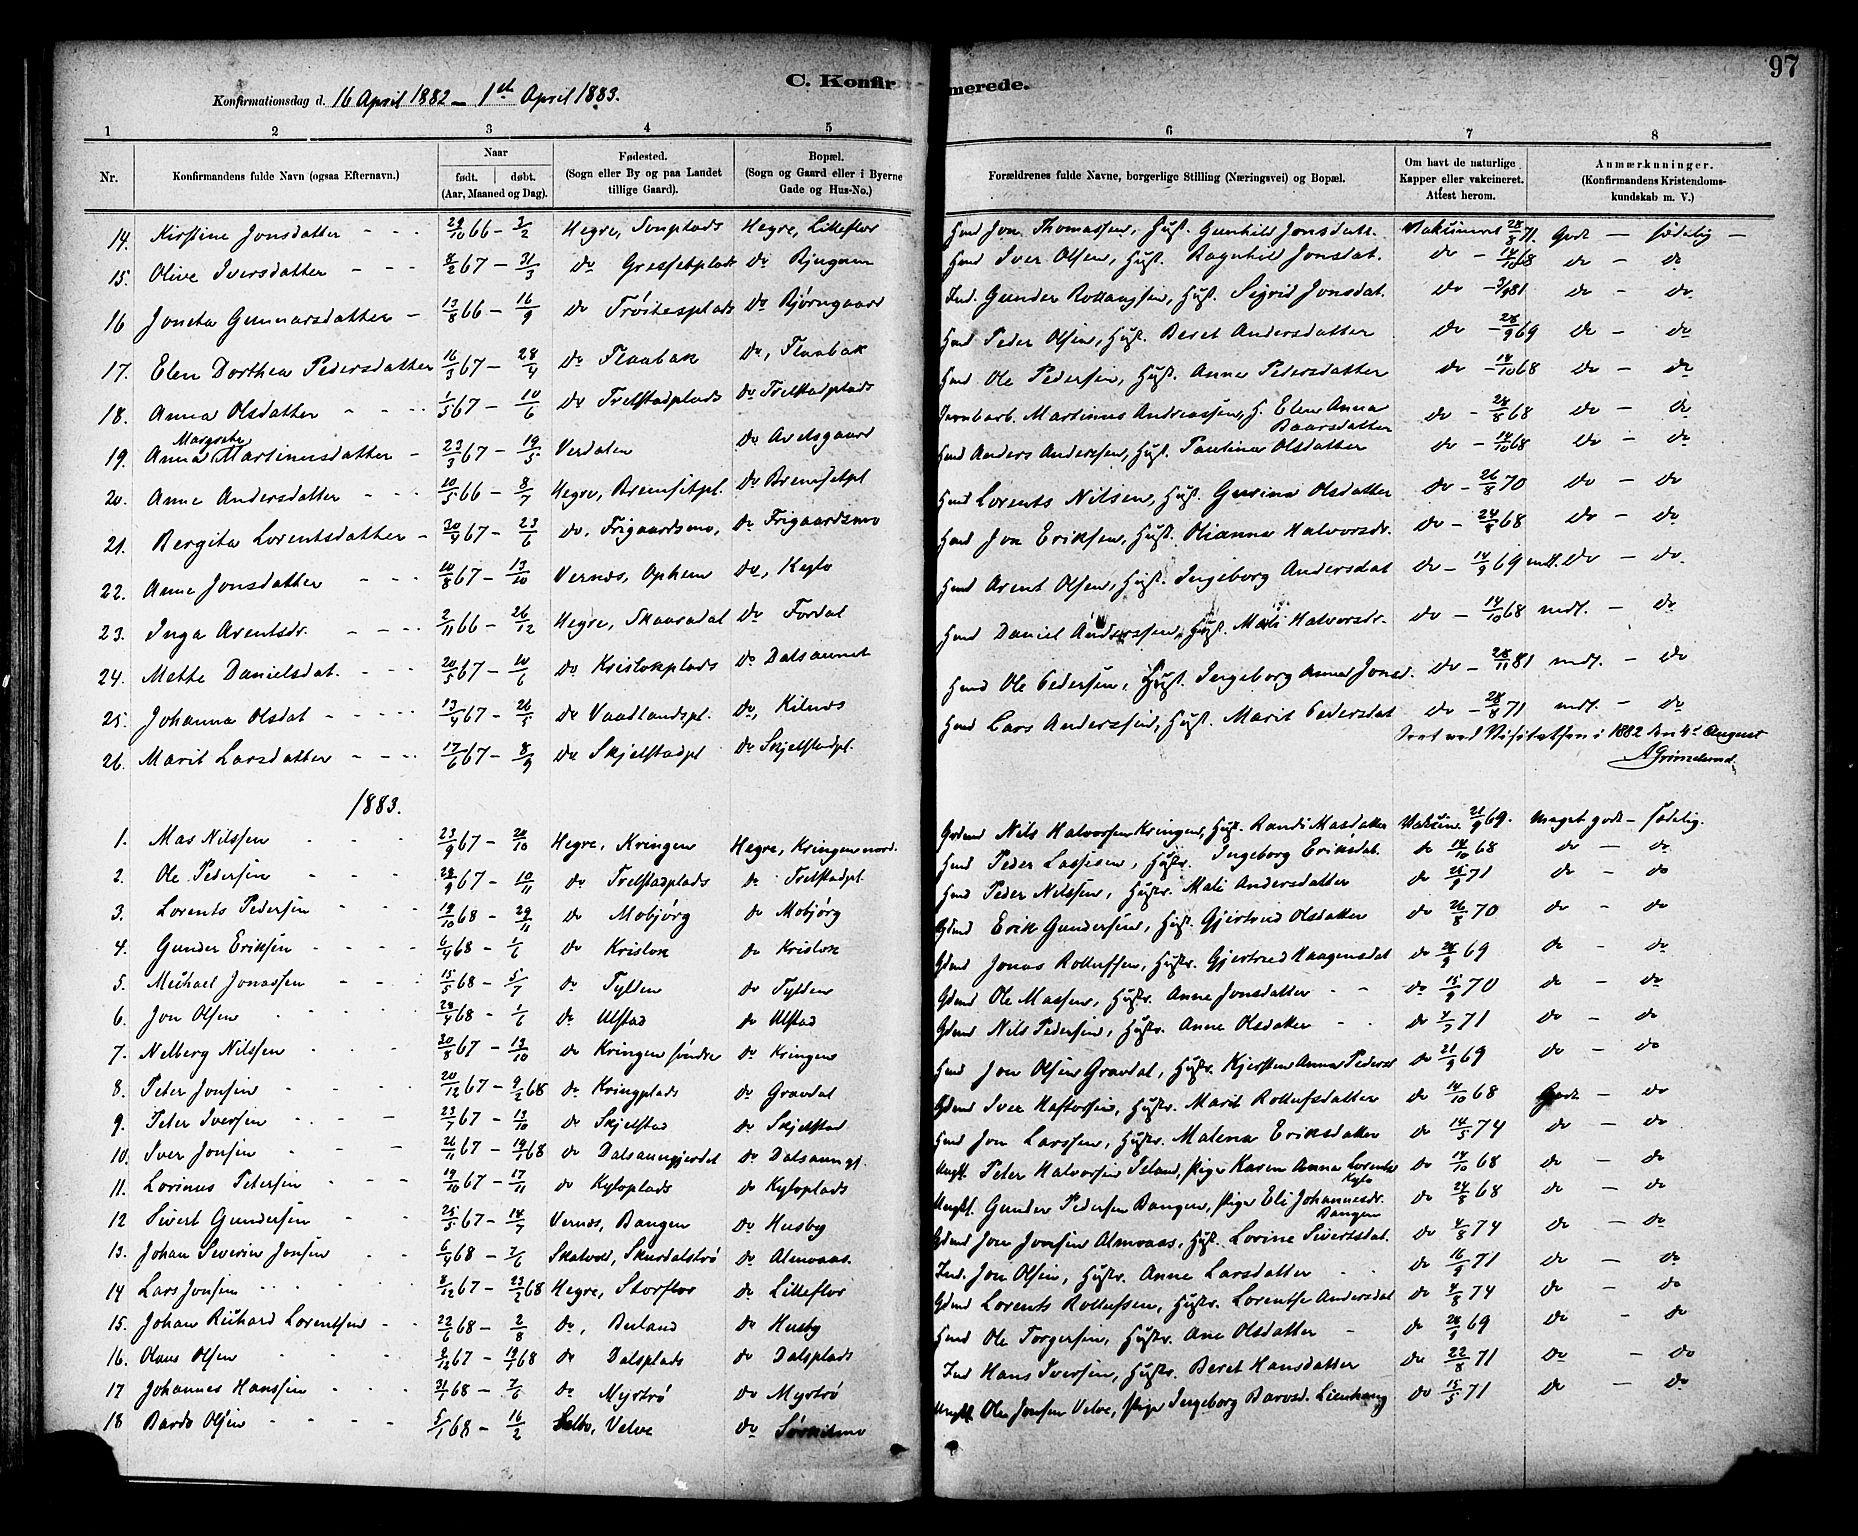 SAT, Ministerialprotokoller, klokkerbøker og fødselsregistre - Nord-Trøndelag, 703/L0030: Ministerialbok nr. 703A03, 1880-1892, s. 97